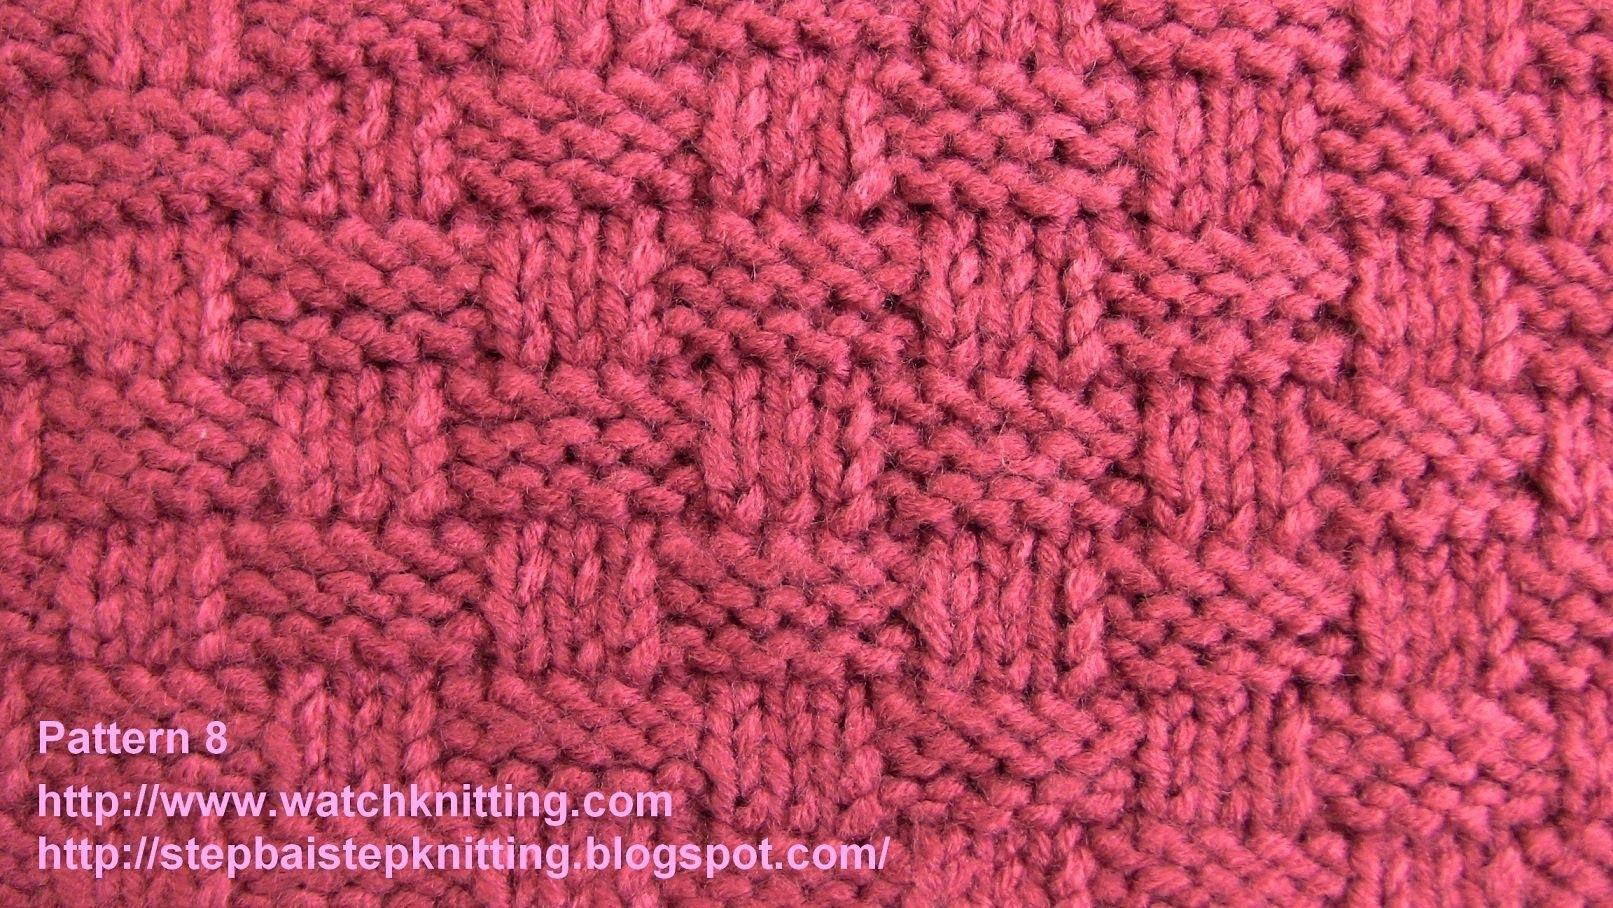 simple knitting patterns basket stitch-free knitting tutorials- watch knitting - pattern 8 - youtube tnhtknk